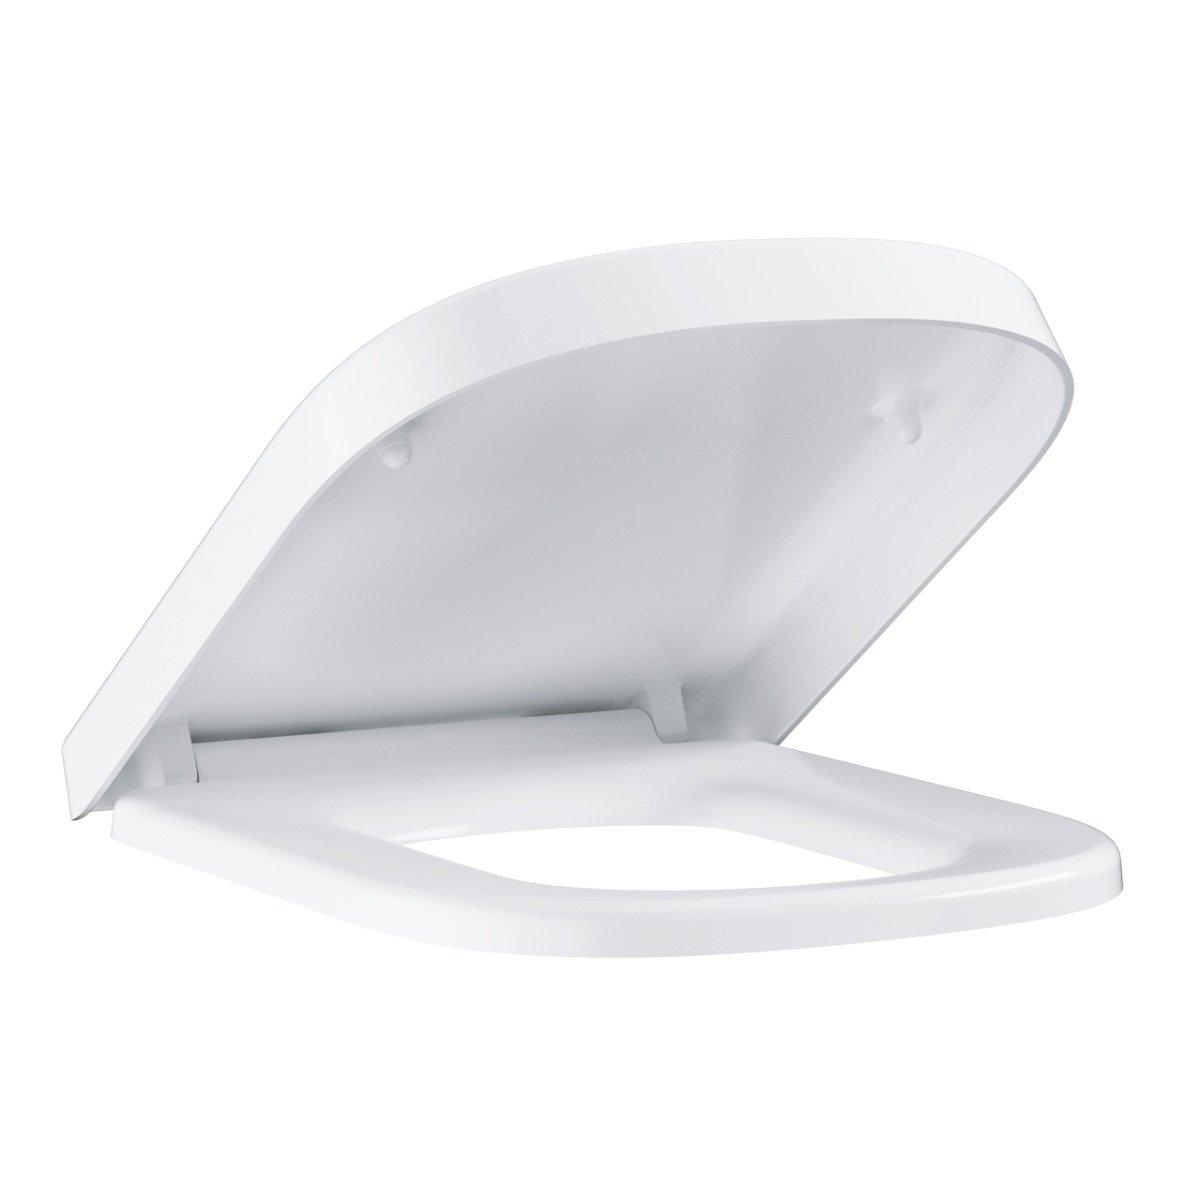 Capac wc Grohe Euro Ceramic, inchidere lenta, alb,set fixare inclus-39330001 imagine